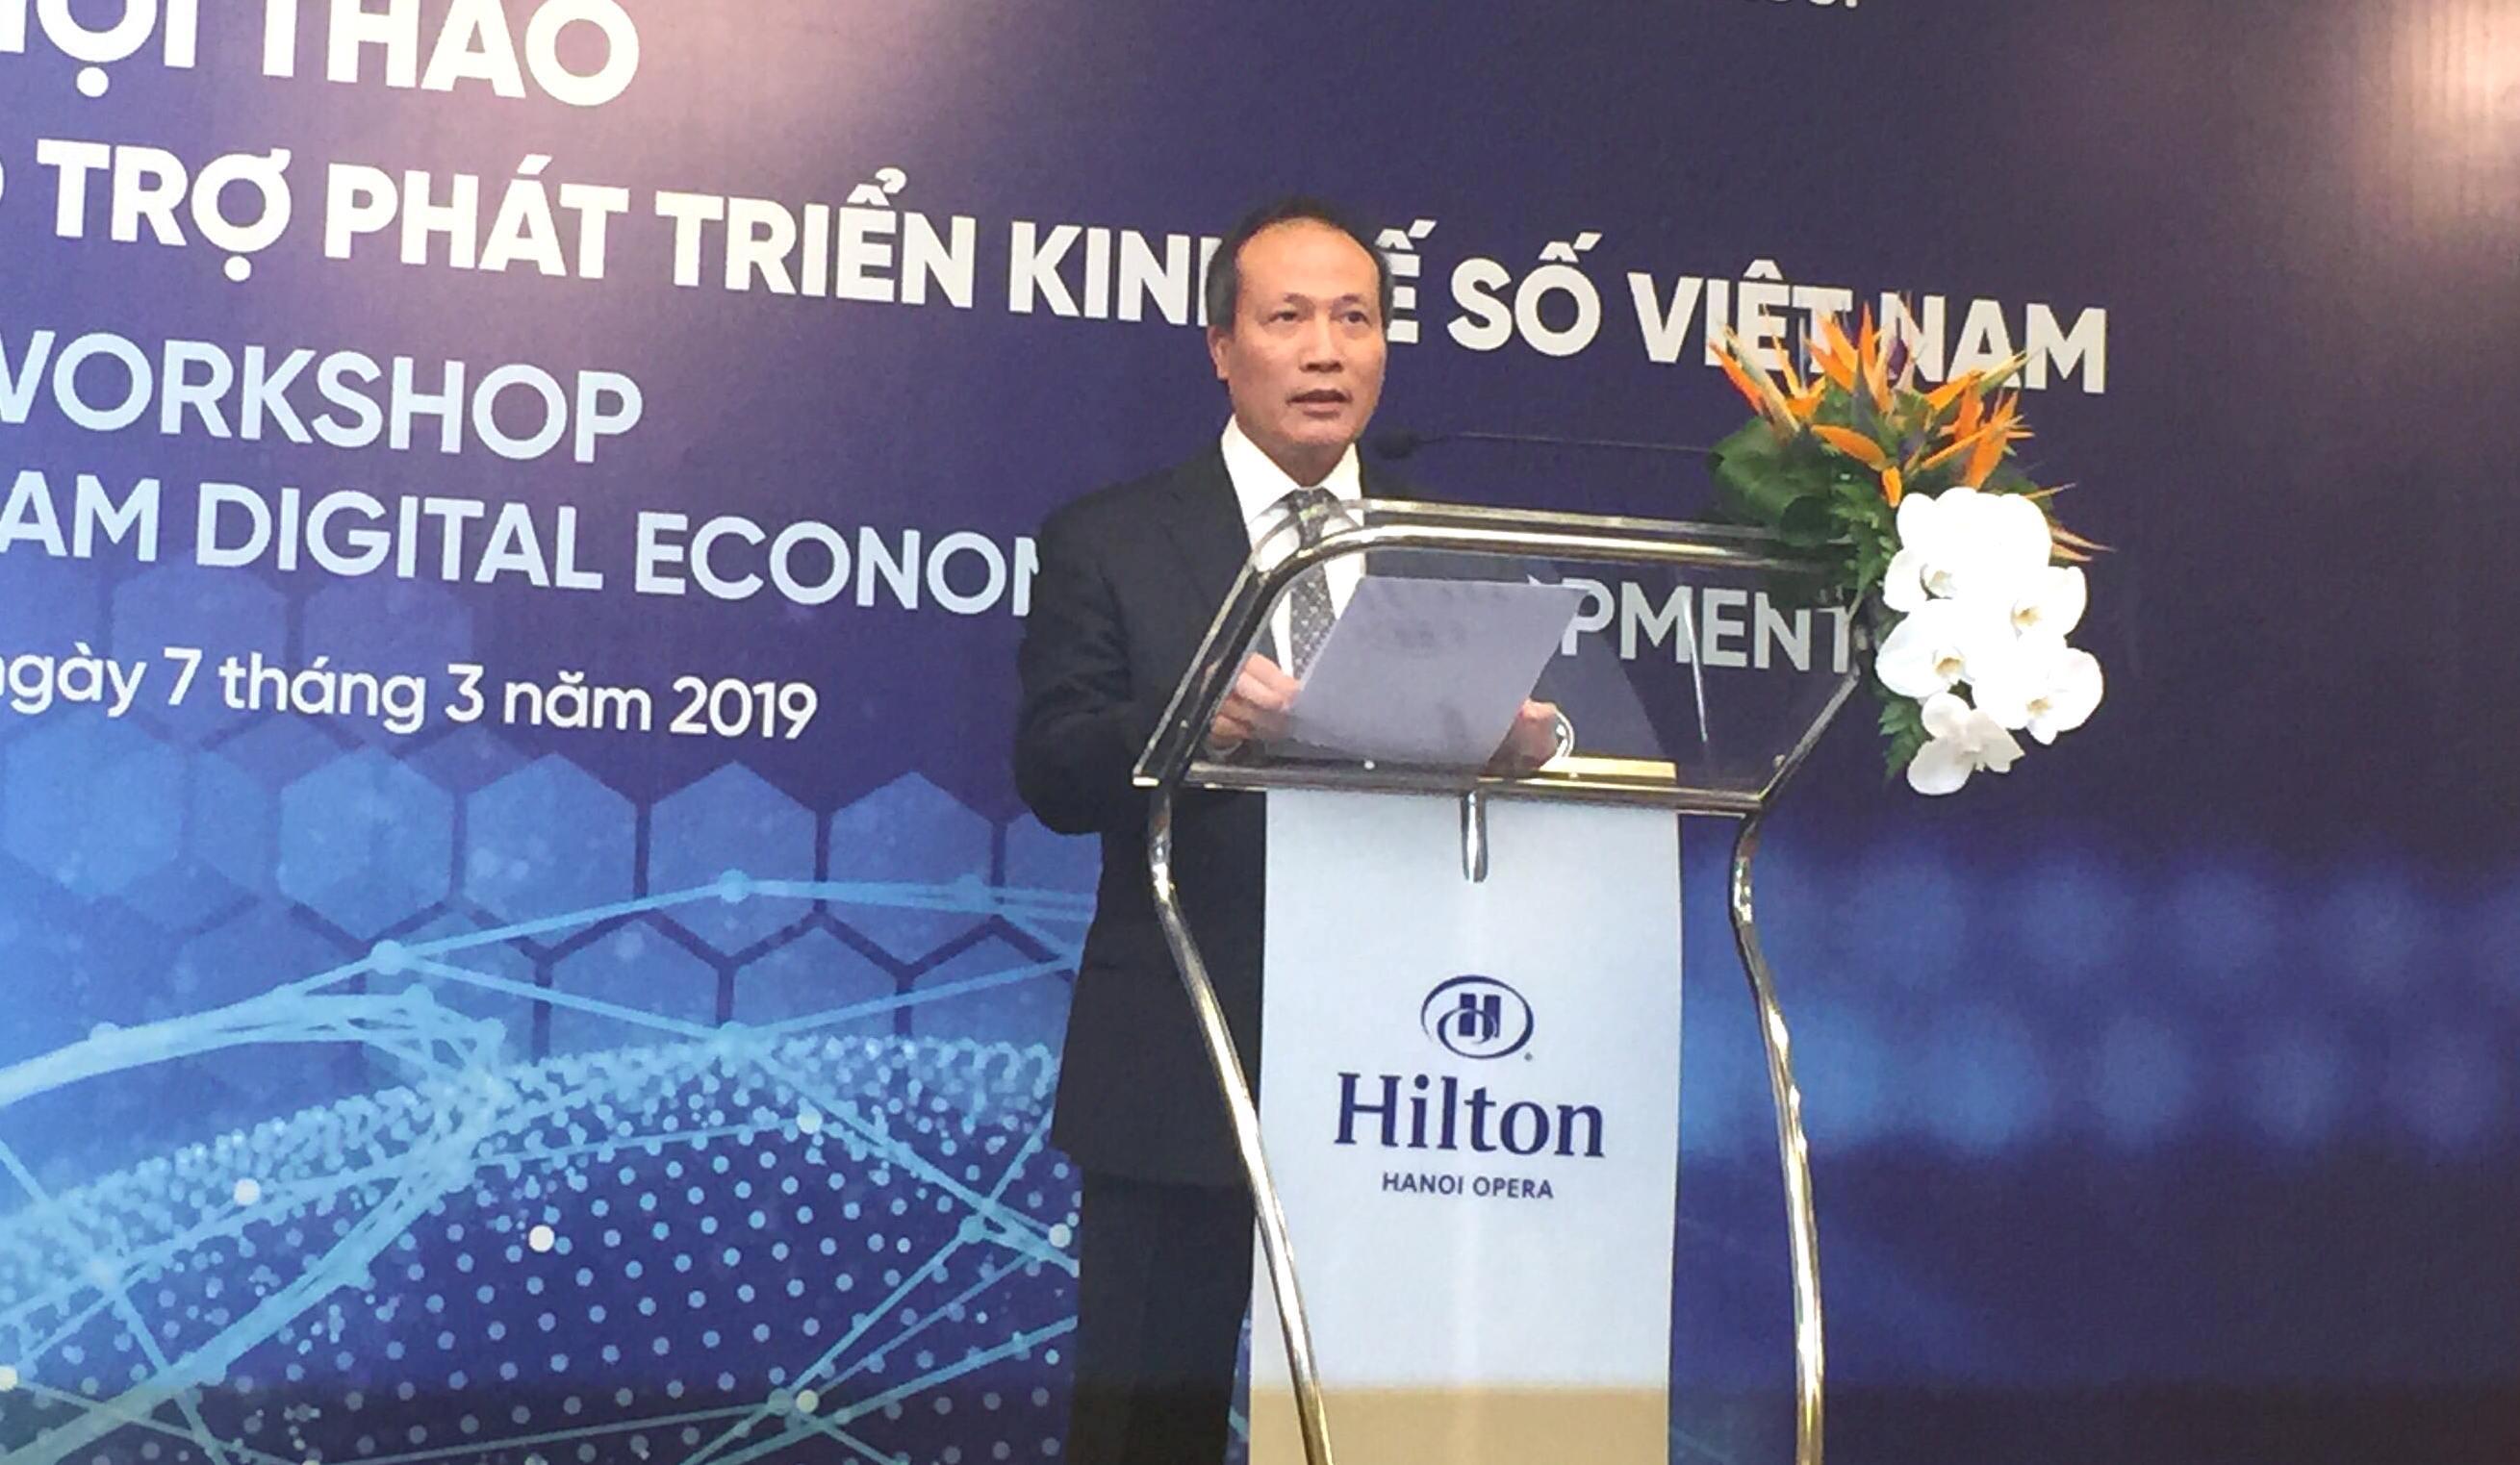 Hội thảo các vấn đề chính sách hỗ trợ phát triển kinh tế số Việt Nam